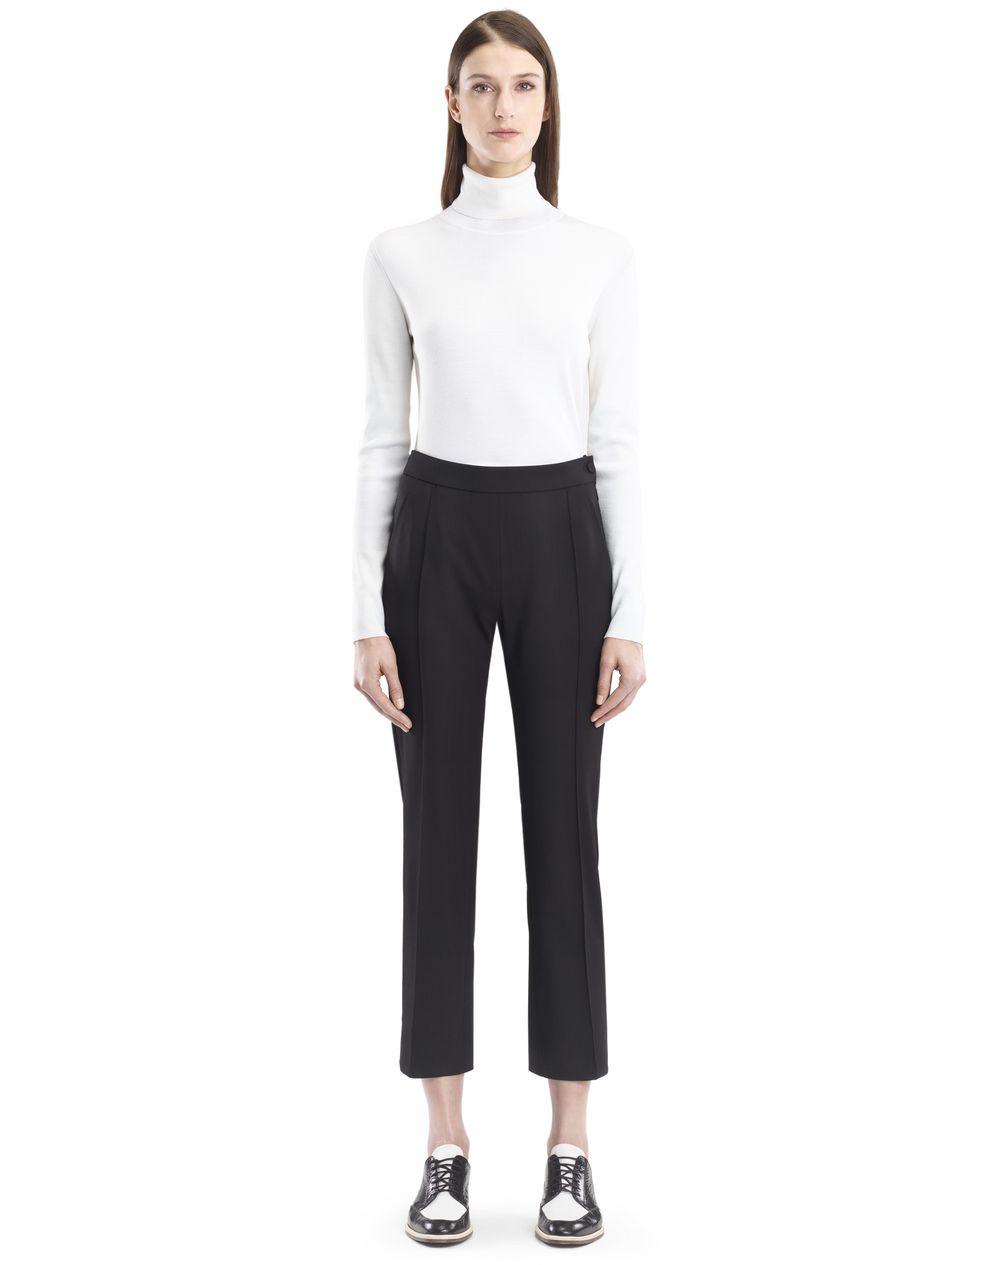 Pantalon en gabardine stretch noire taille haute Lanvin – Prix €590